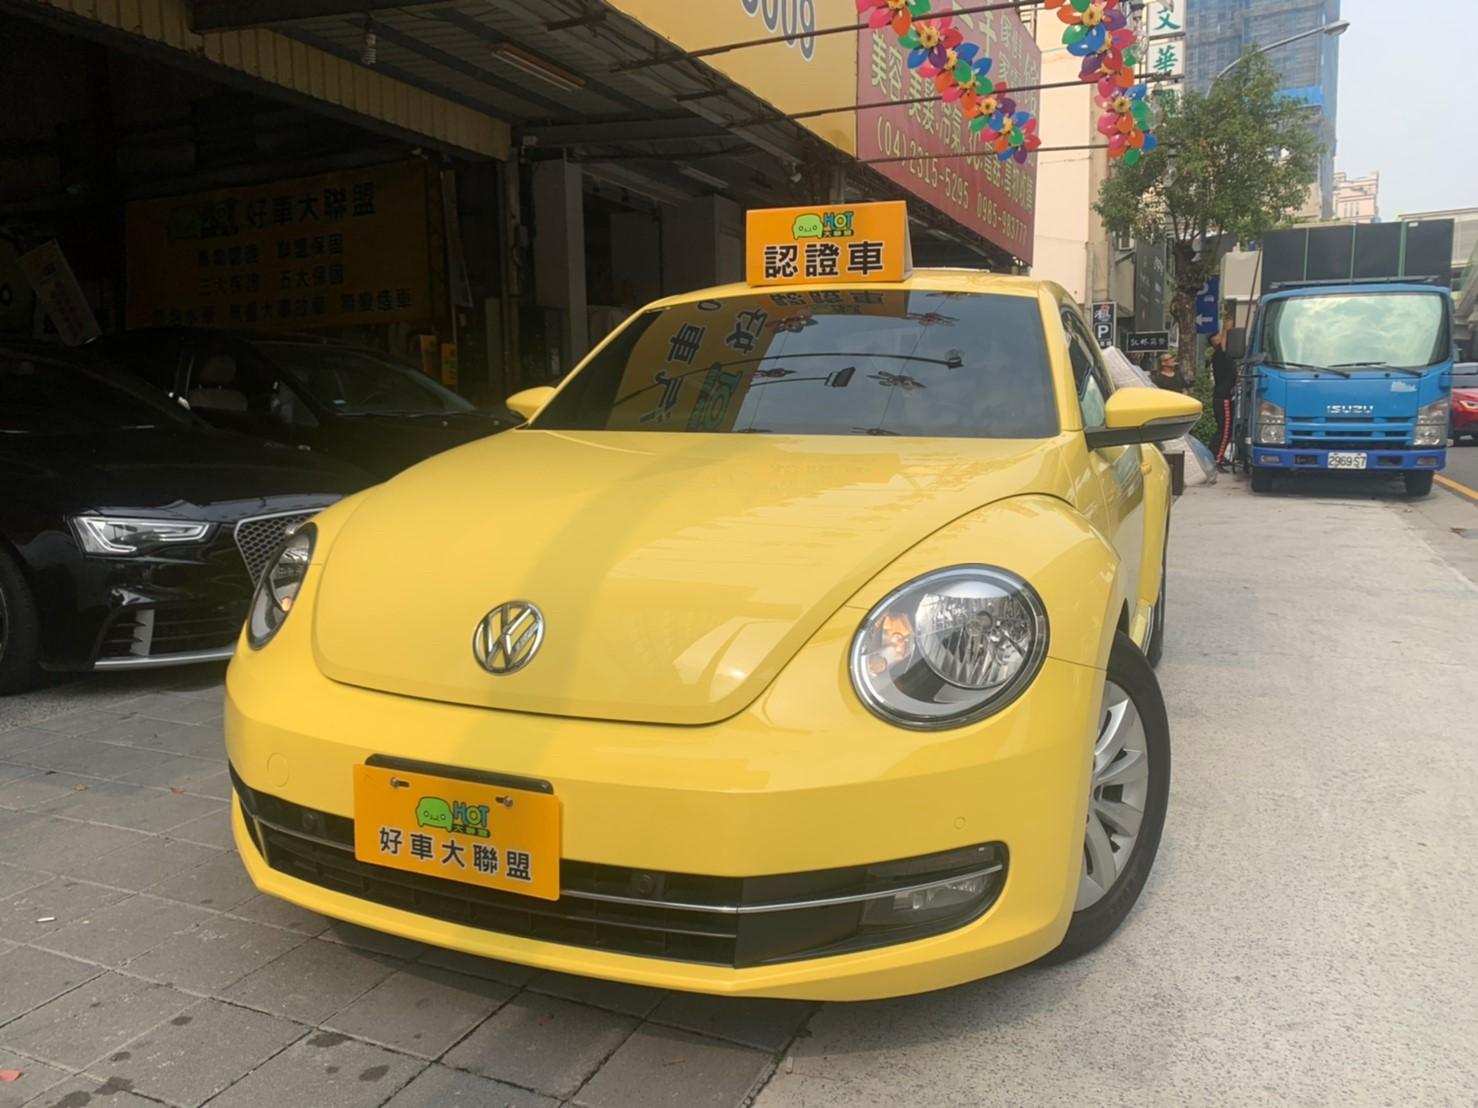 2012 Volkswagen 福斯 Beetle